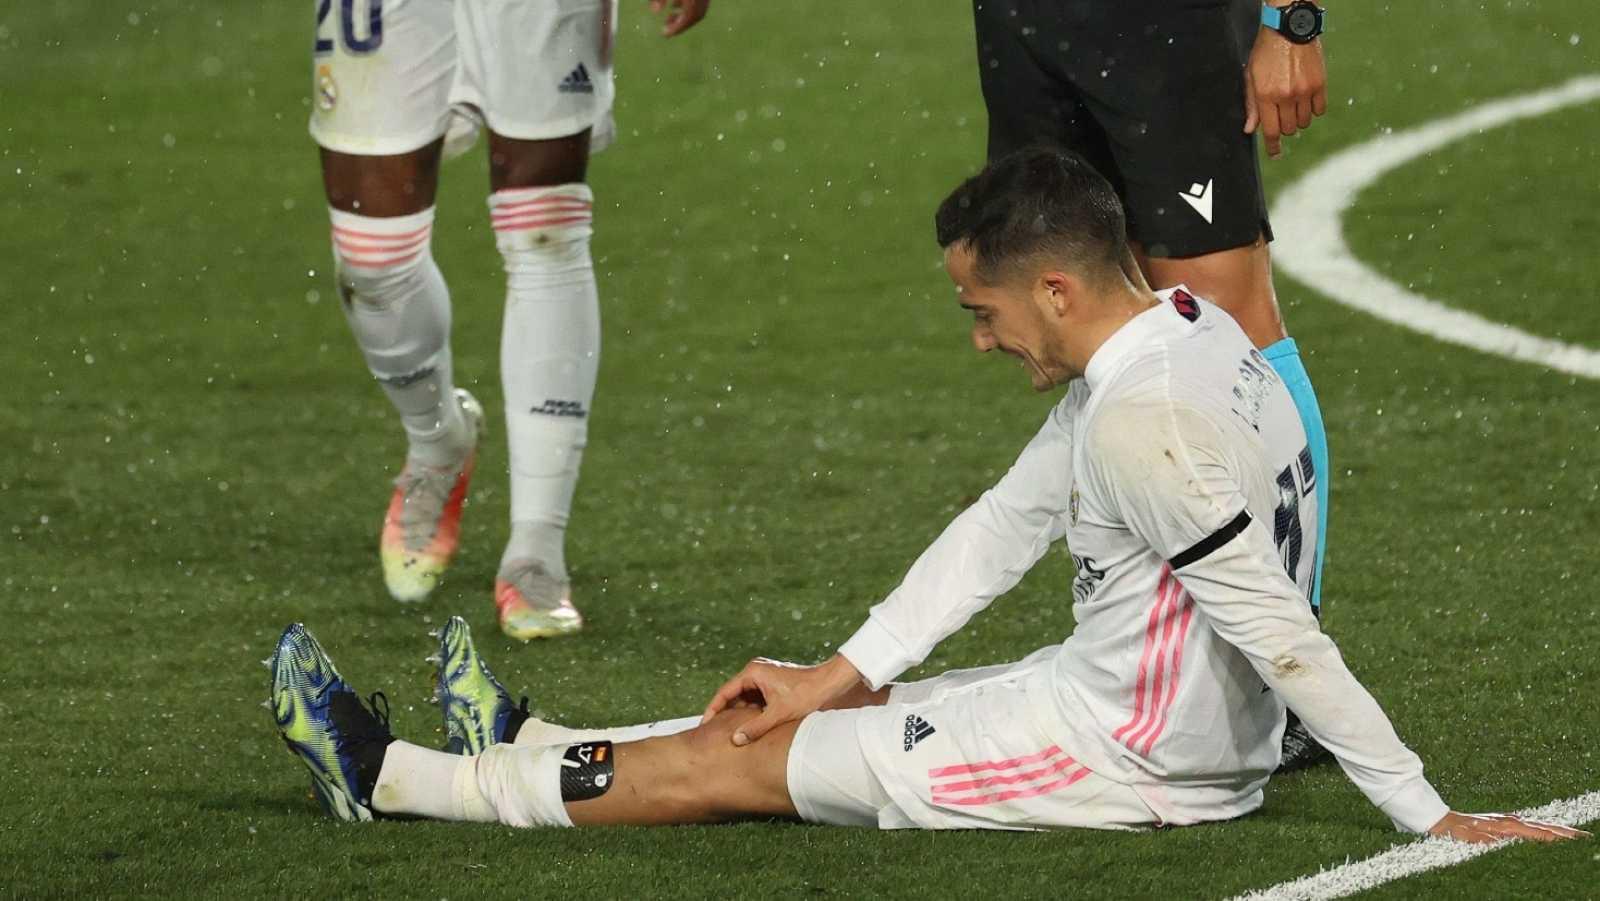 El jugador del Real Madrid, Lucas Vázquez, se duele en el suelo